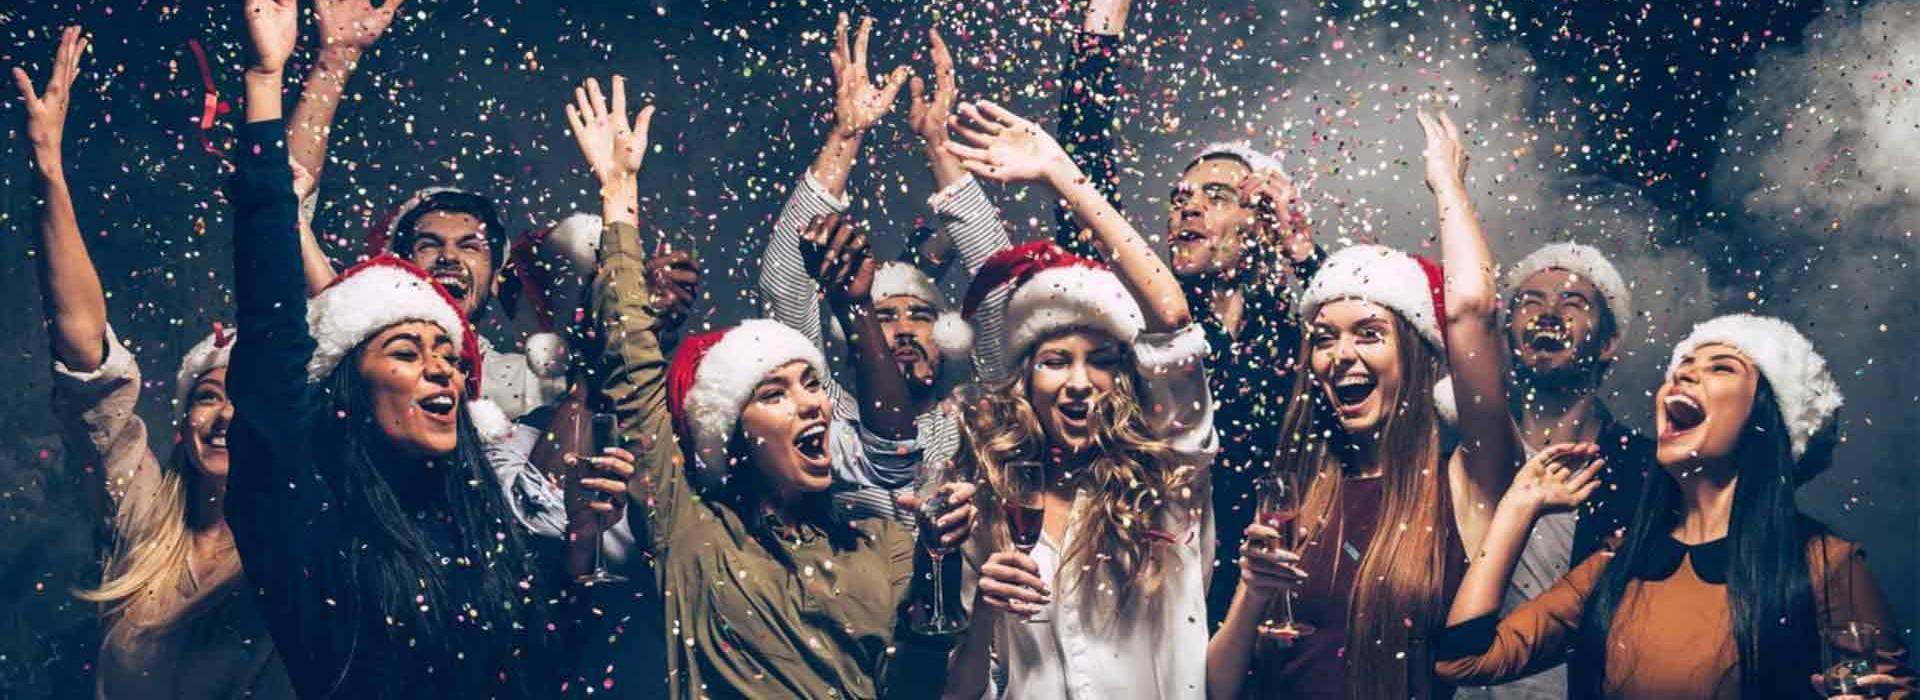 Karácsonyi videóképeslap